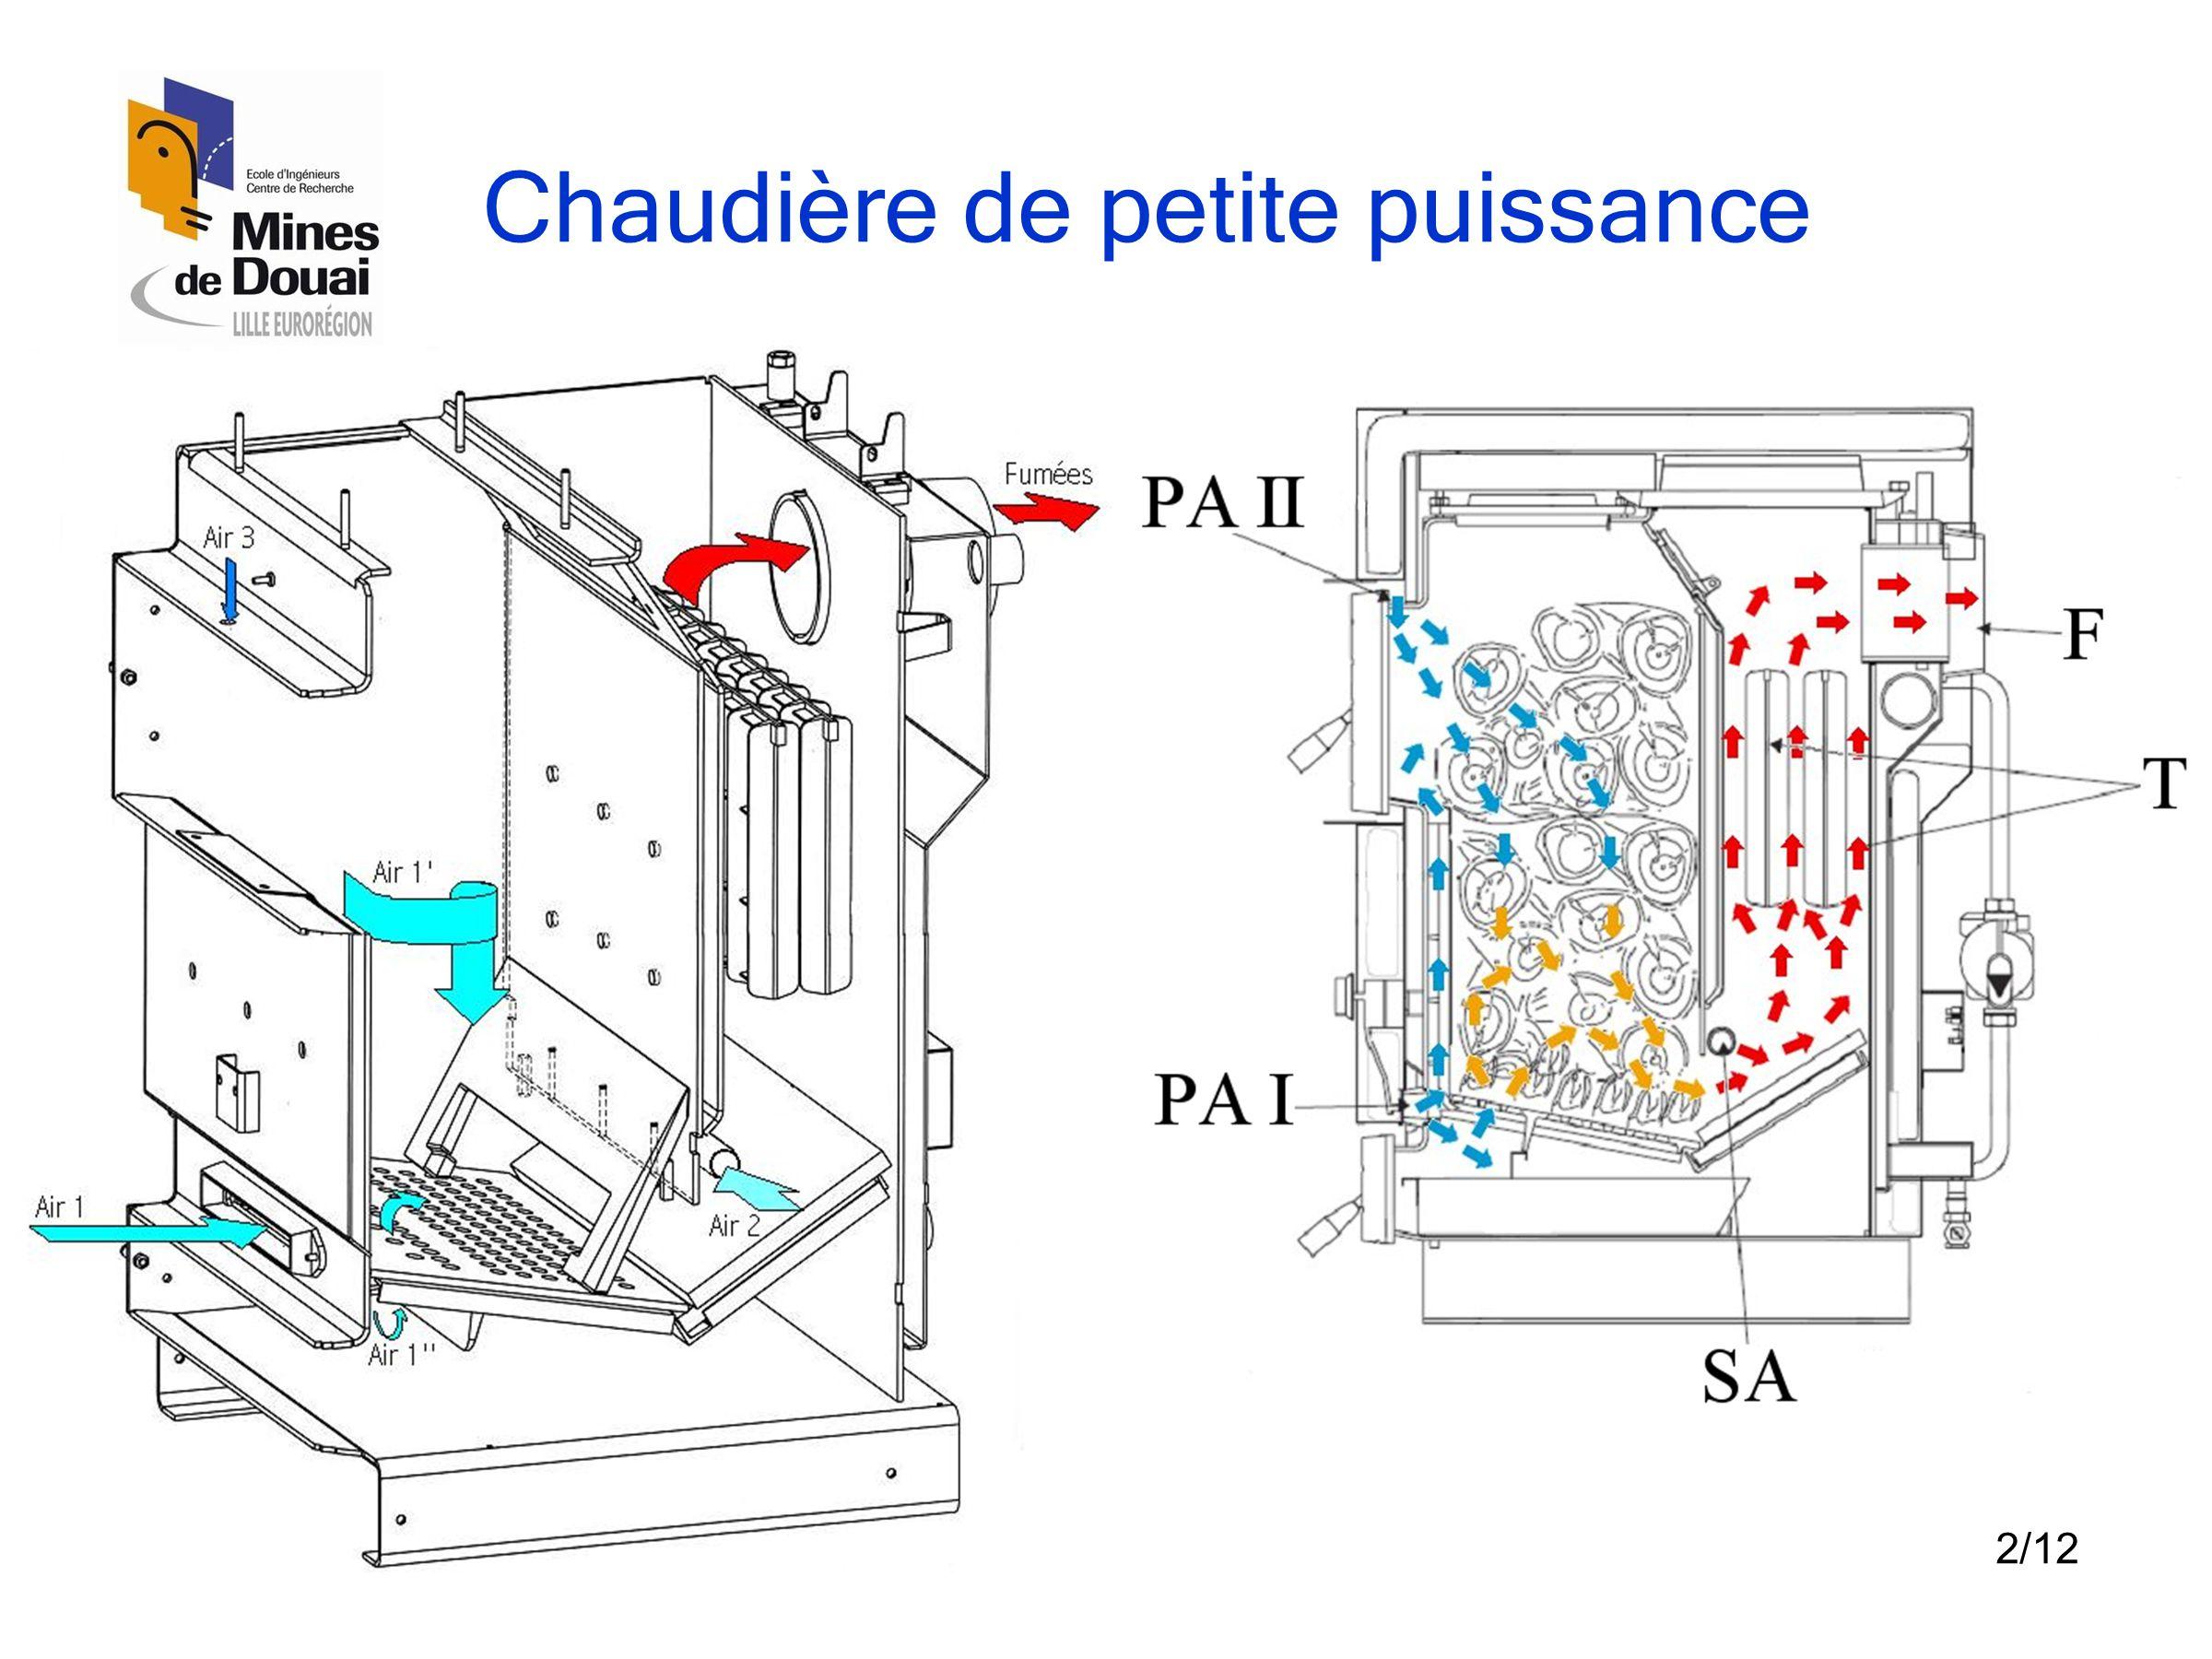 2/12 Chaudière de petite puissance •Chartreuse 22 •Caractéristiques » P nom = 18 kW » T s,eau = 80 °C » V eau = 40 l » T fumées = 350 °C •Dimensions 1